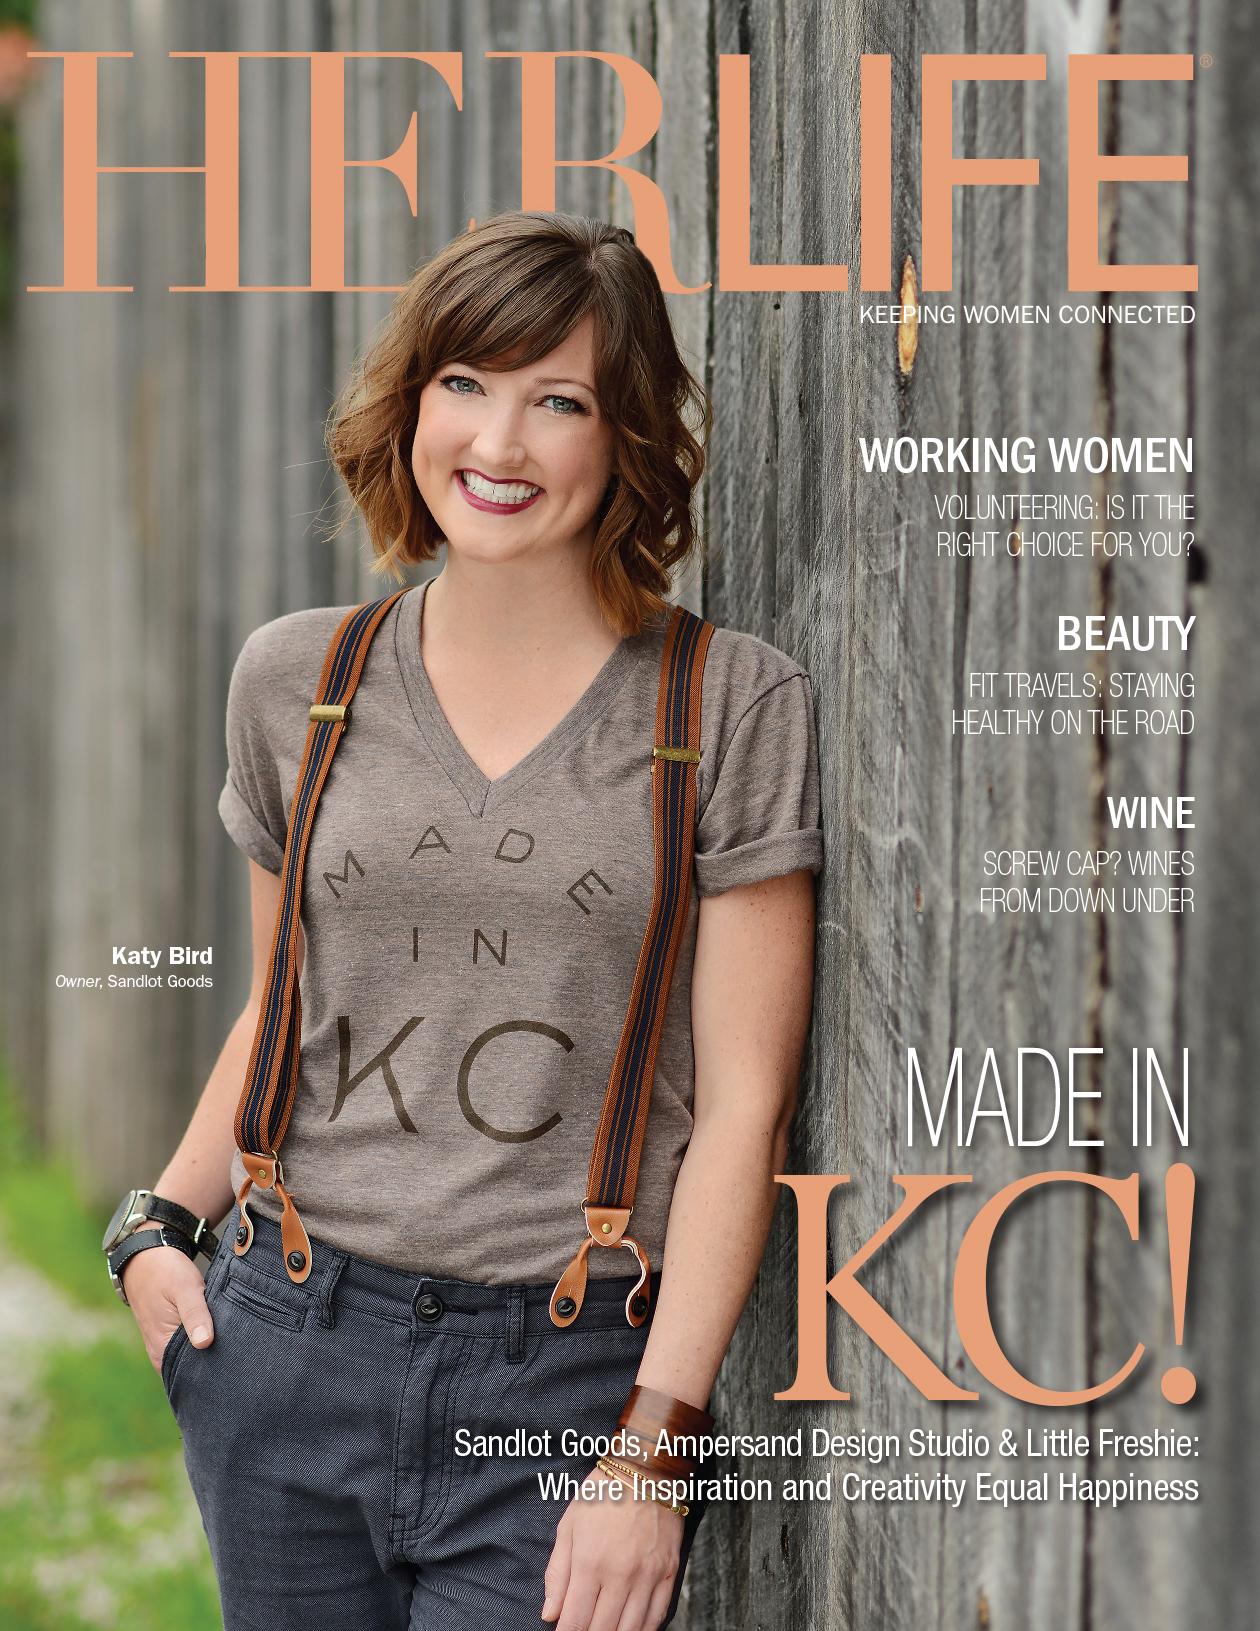 COVER_HERLIFE_KC_AUGUST15.jpg